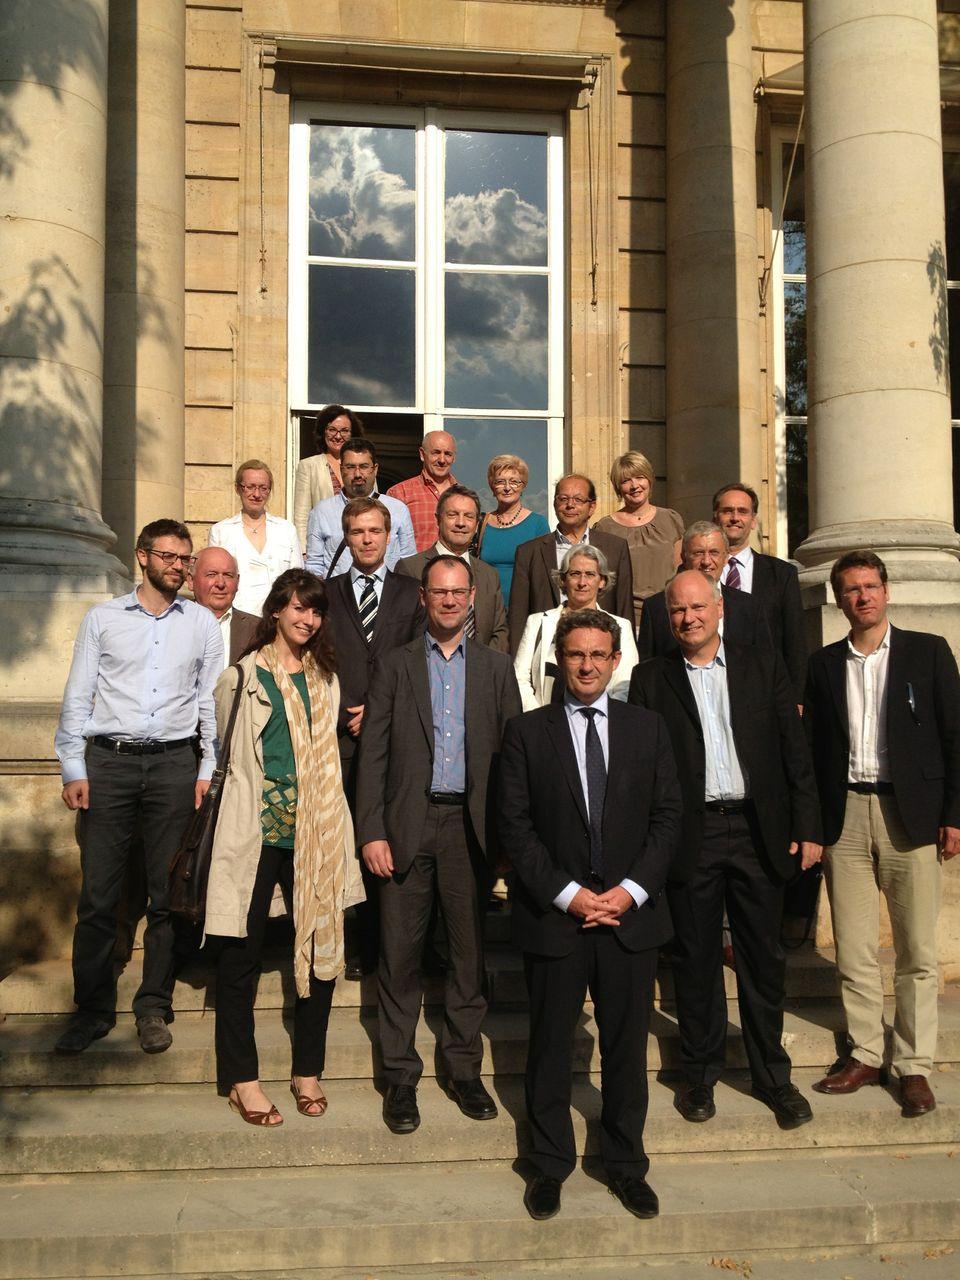 La chambre franco allemande de commerce et d industrie l for Chambre commerce franco allemande